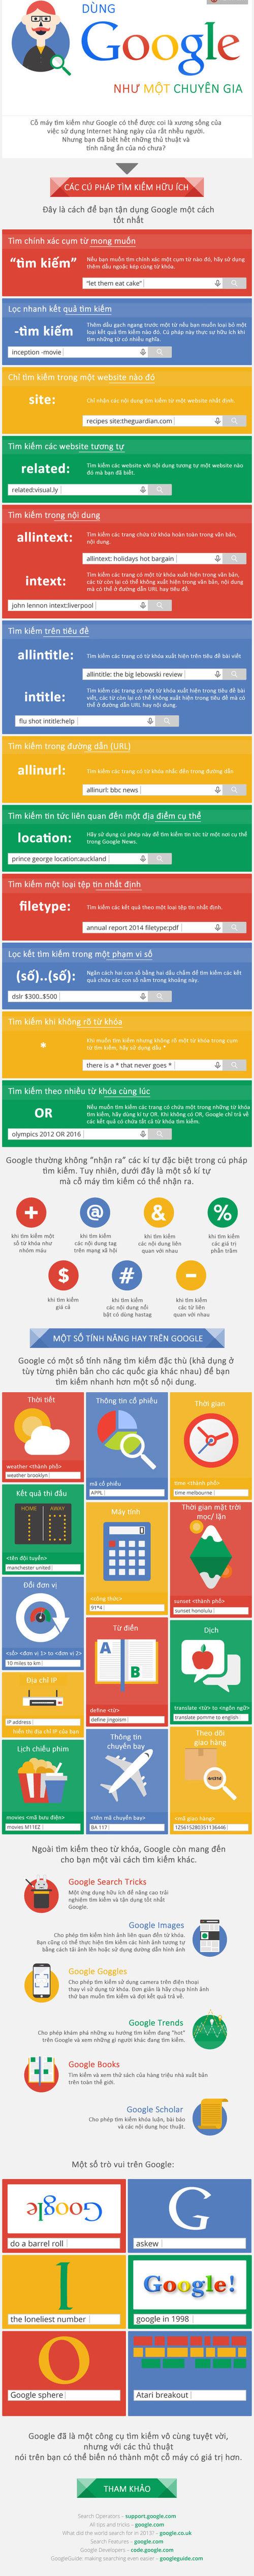 Những cú pháp tìm kiếm trên Google bạn đả biết hết chưa ?